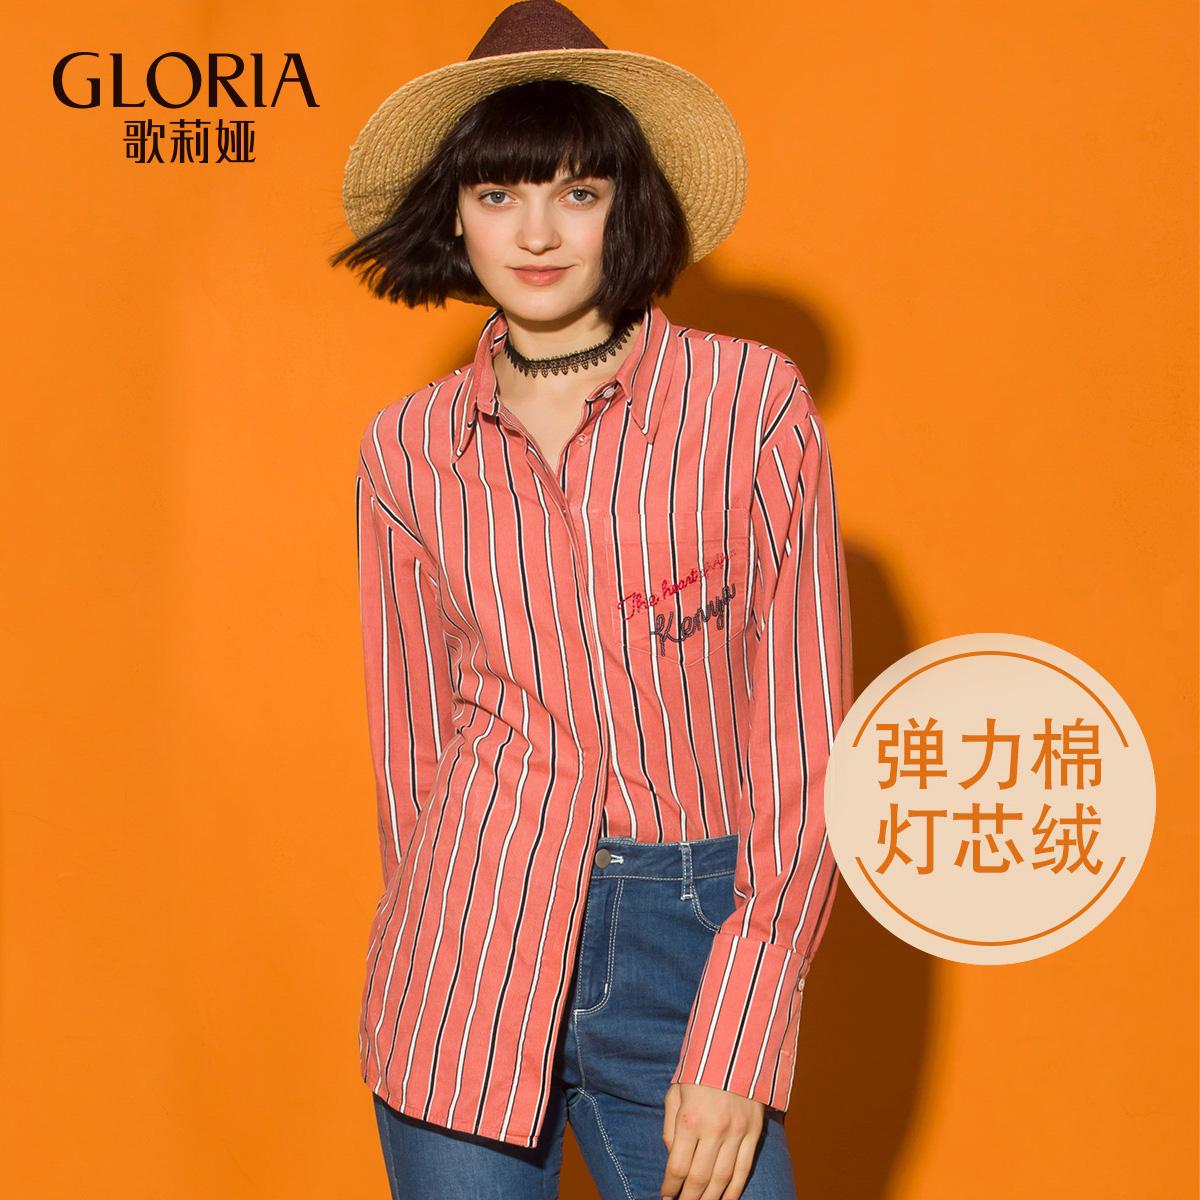 歌莉娅女装 GLORIA歌莉娅女装2017春条纹长袖衬衫女上衣171R3E050_推荐淘宝好看的歌莉娅